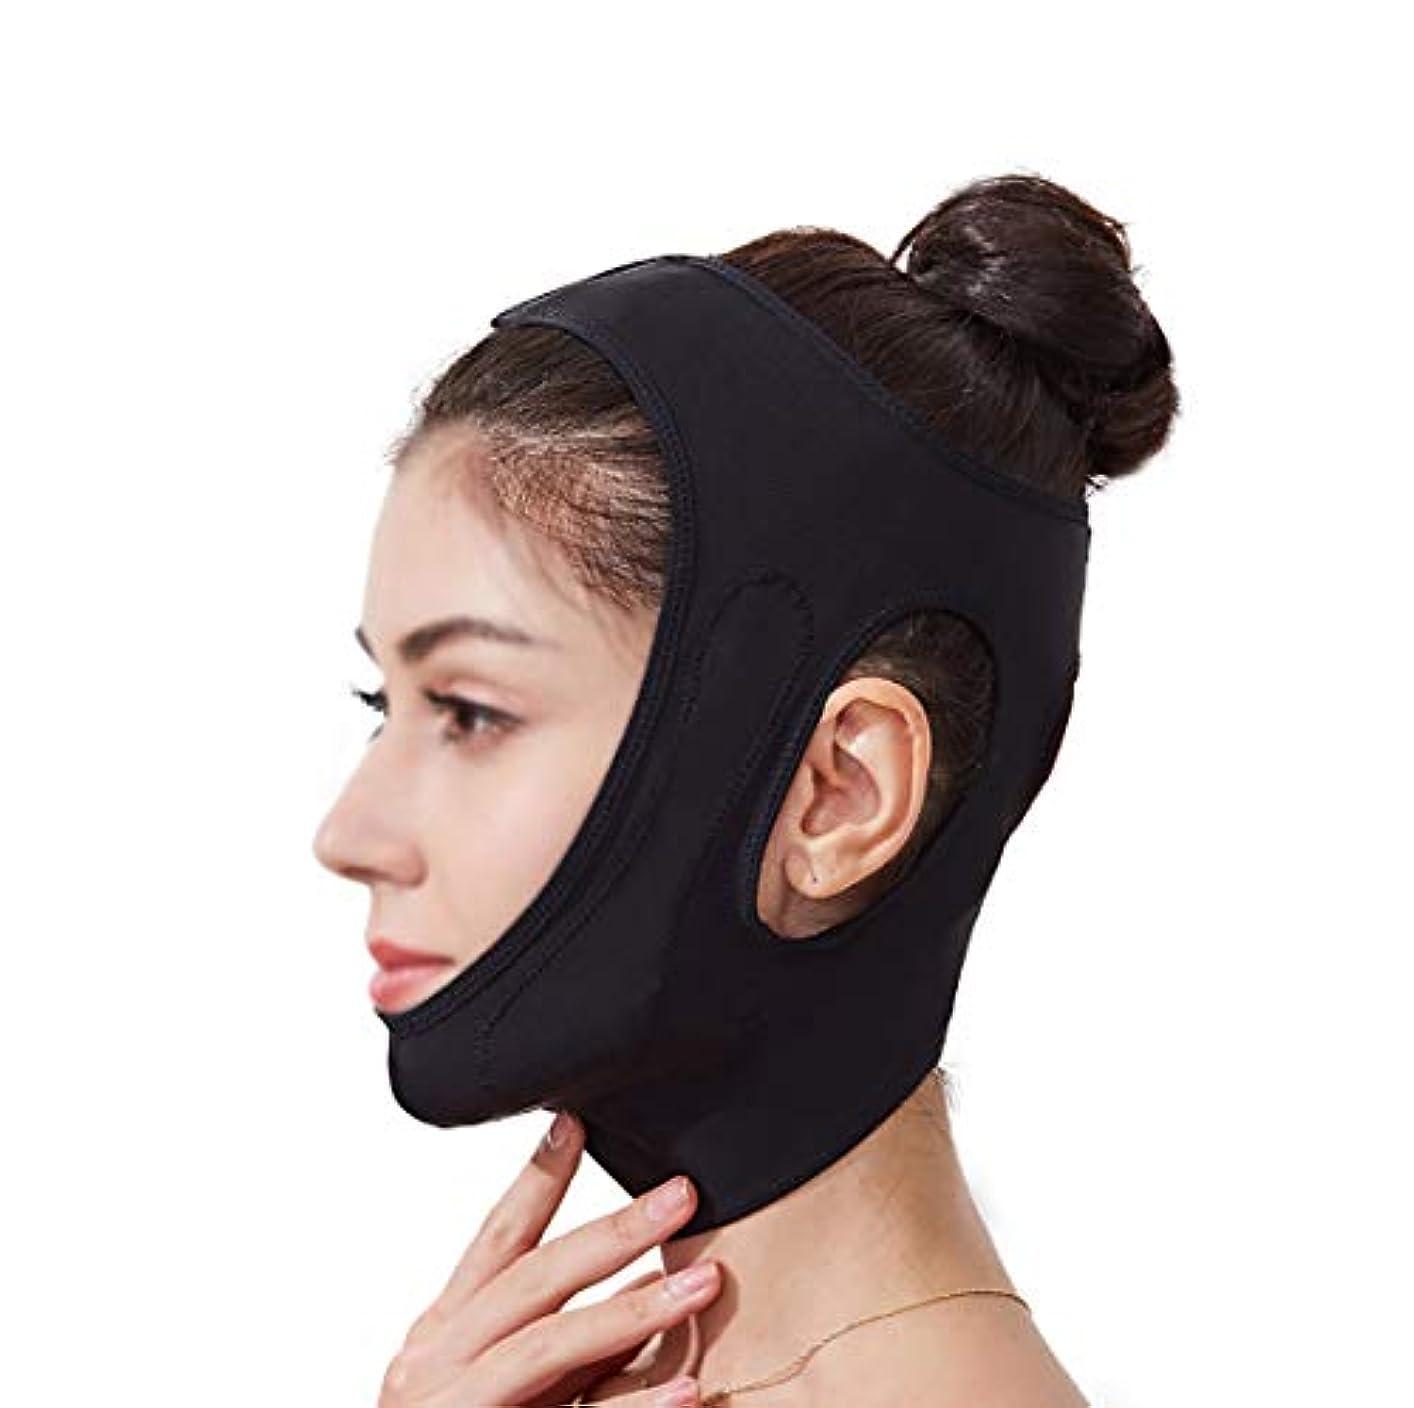 満たす潜在的な炭水化物フェイスリフティング包帯vフェイスマスクフェイスリフティングあご快適な顔引き締めフェイシャルマッサージワンサイズ (Color : Black)